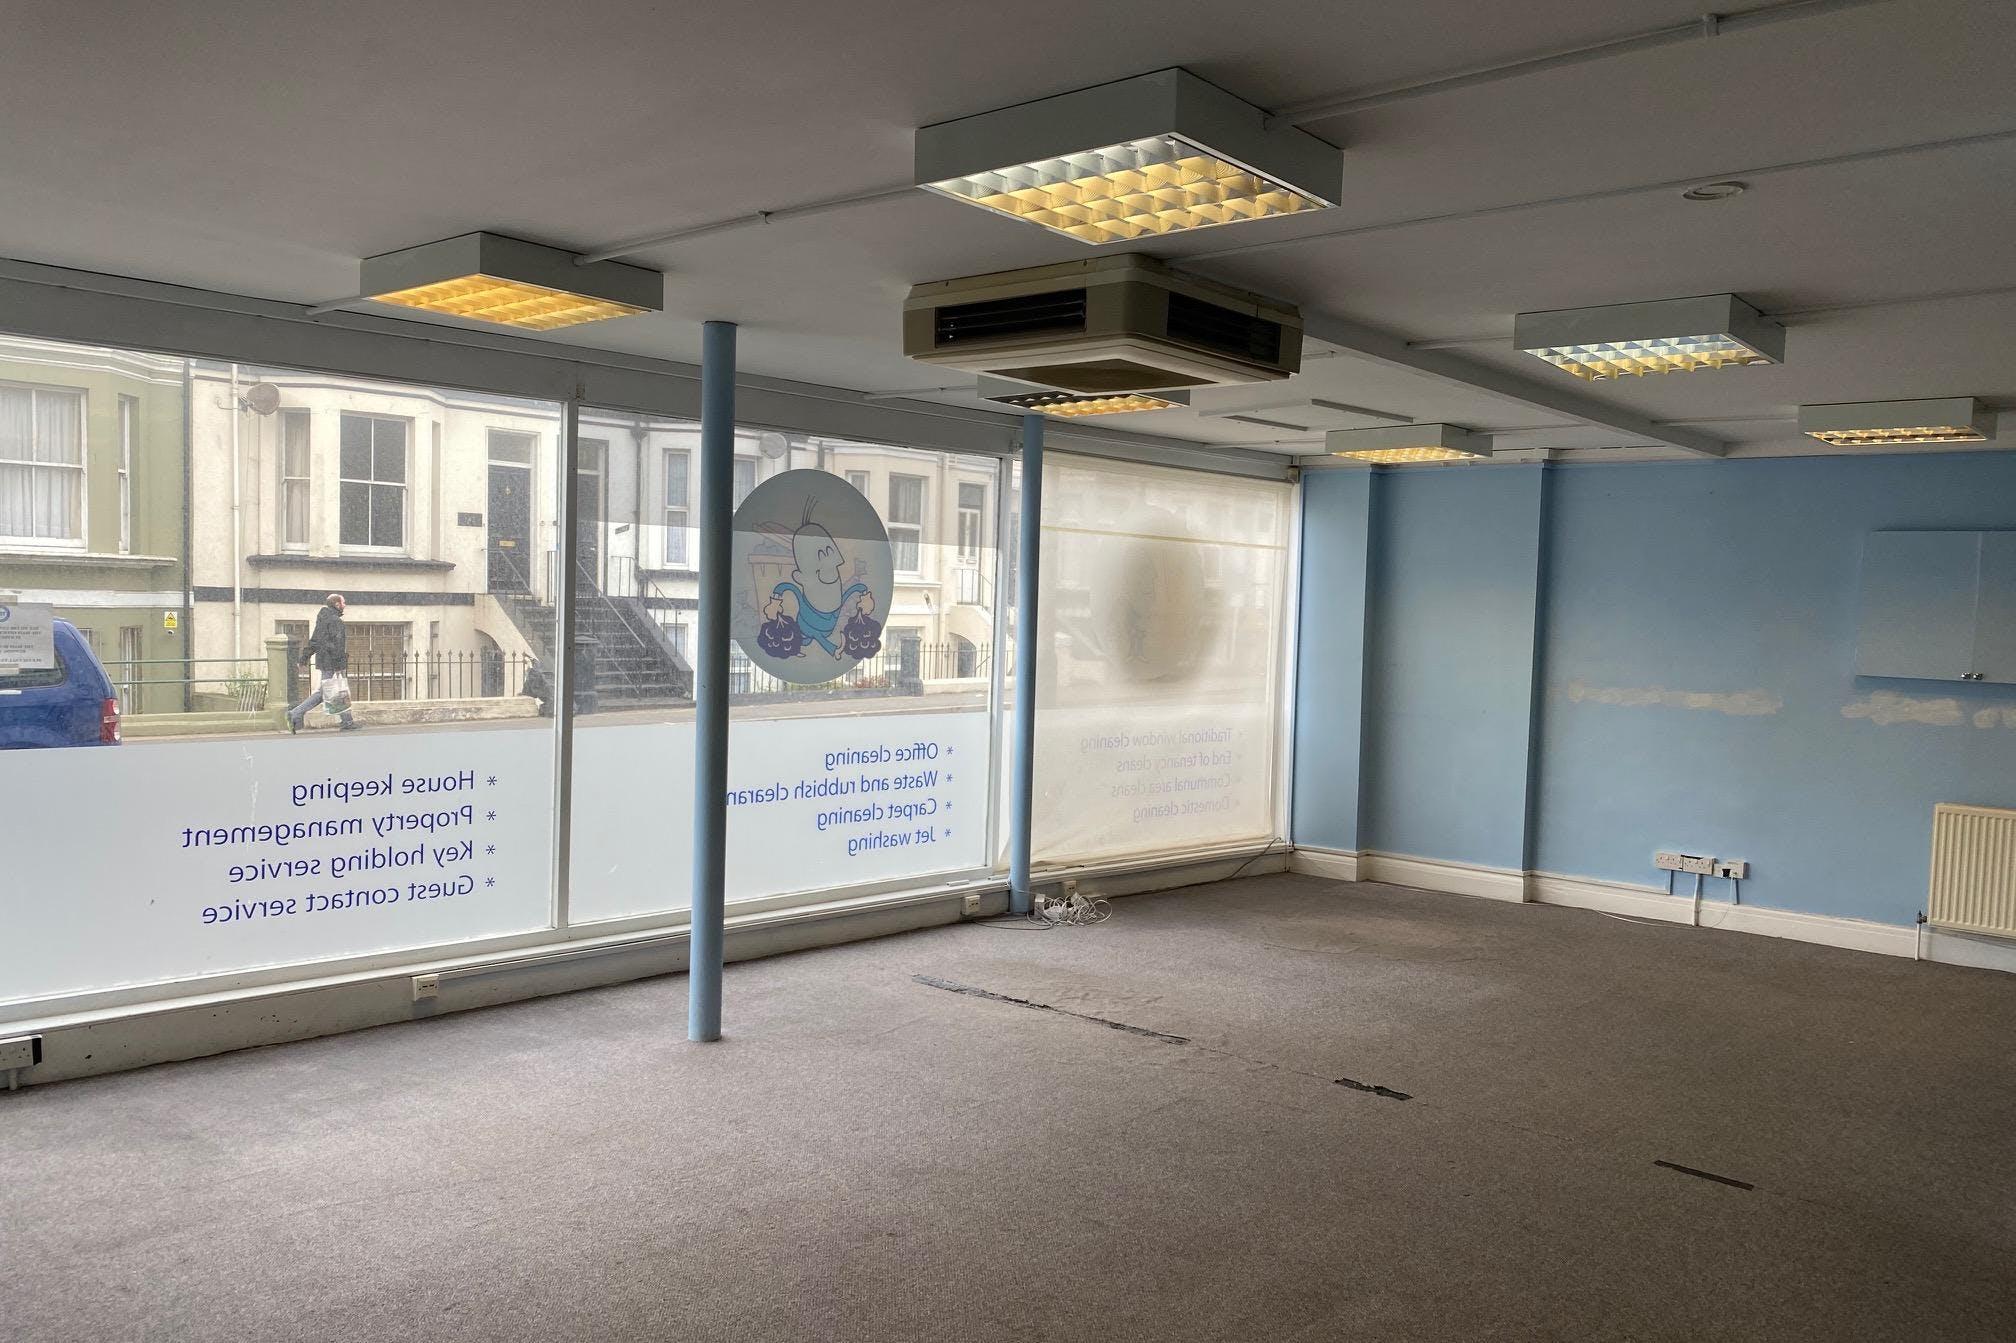 123-124 Queens Road, Hastings, Office / Retail To Let - IMG_3322.jpg